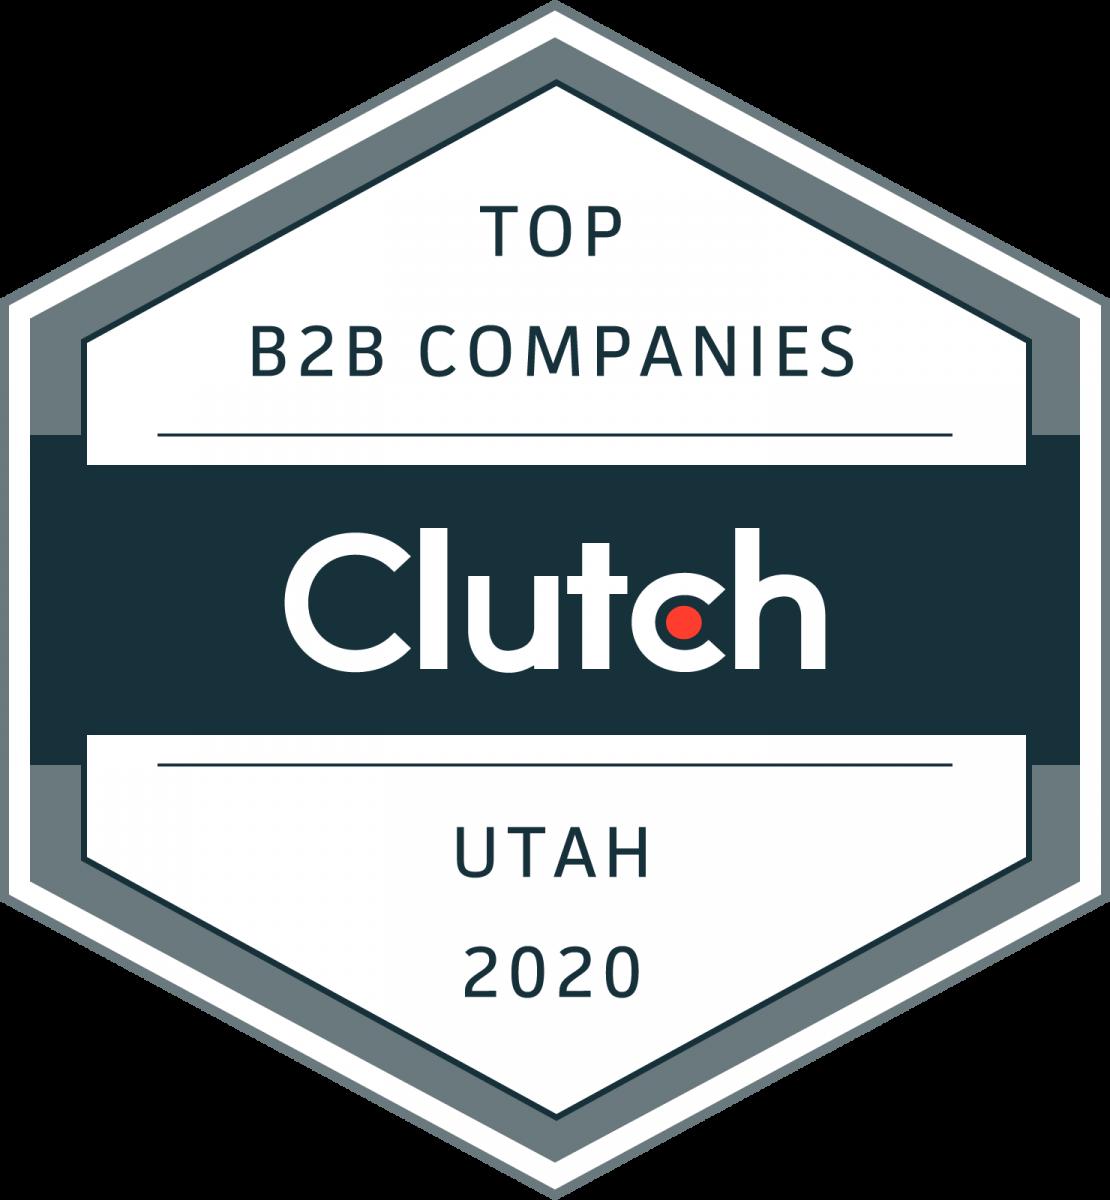 2020 Utah B2B